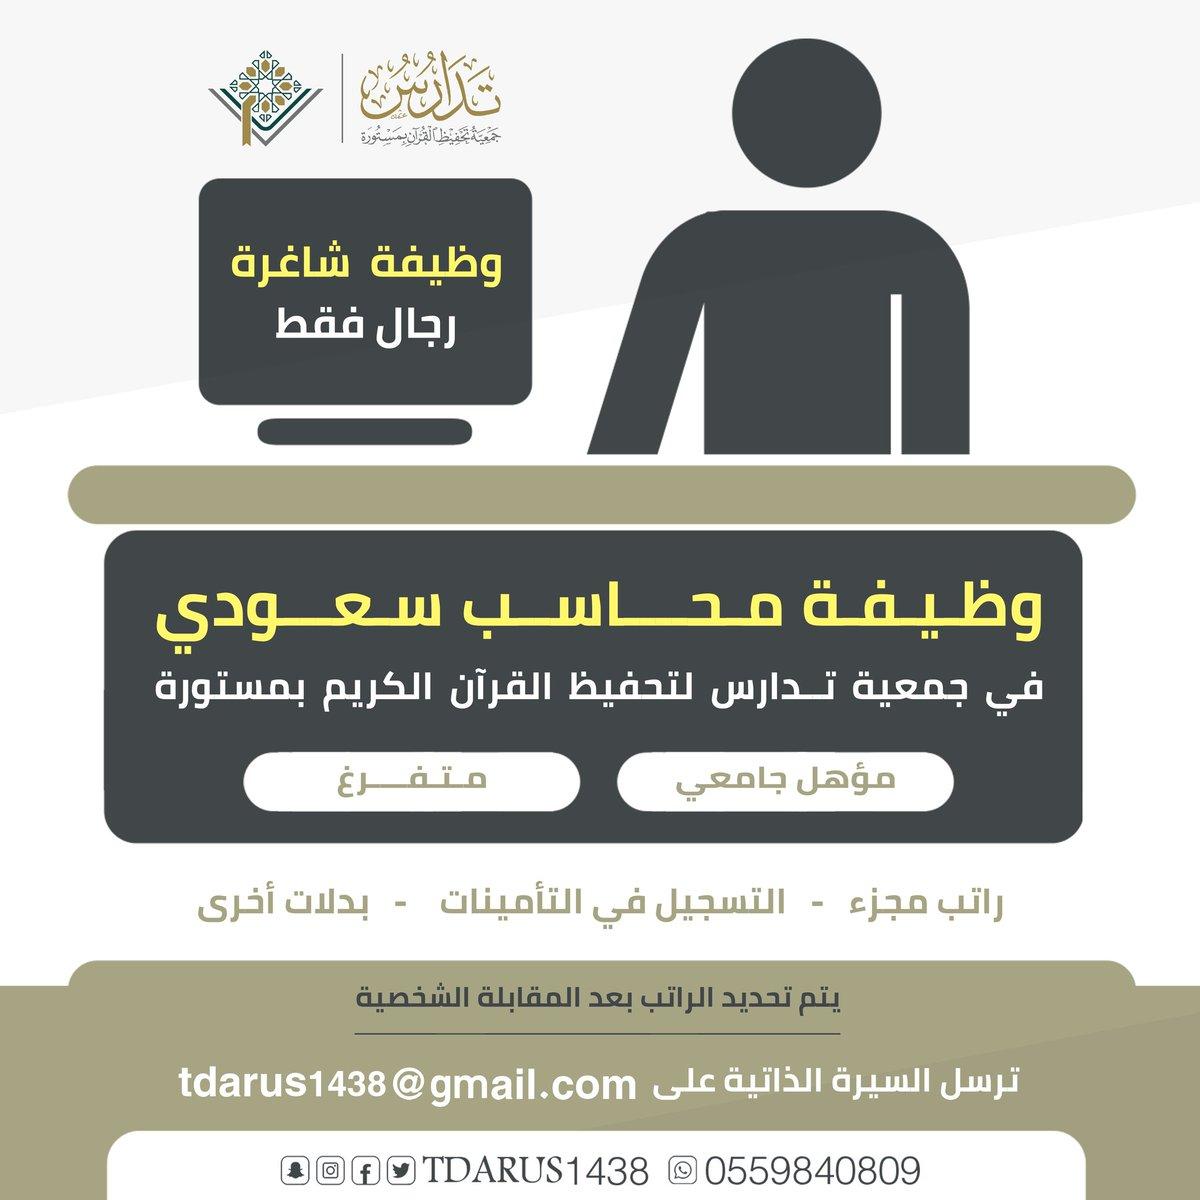 وظائف في الرياض للاجانب